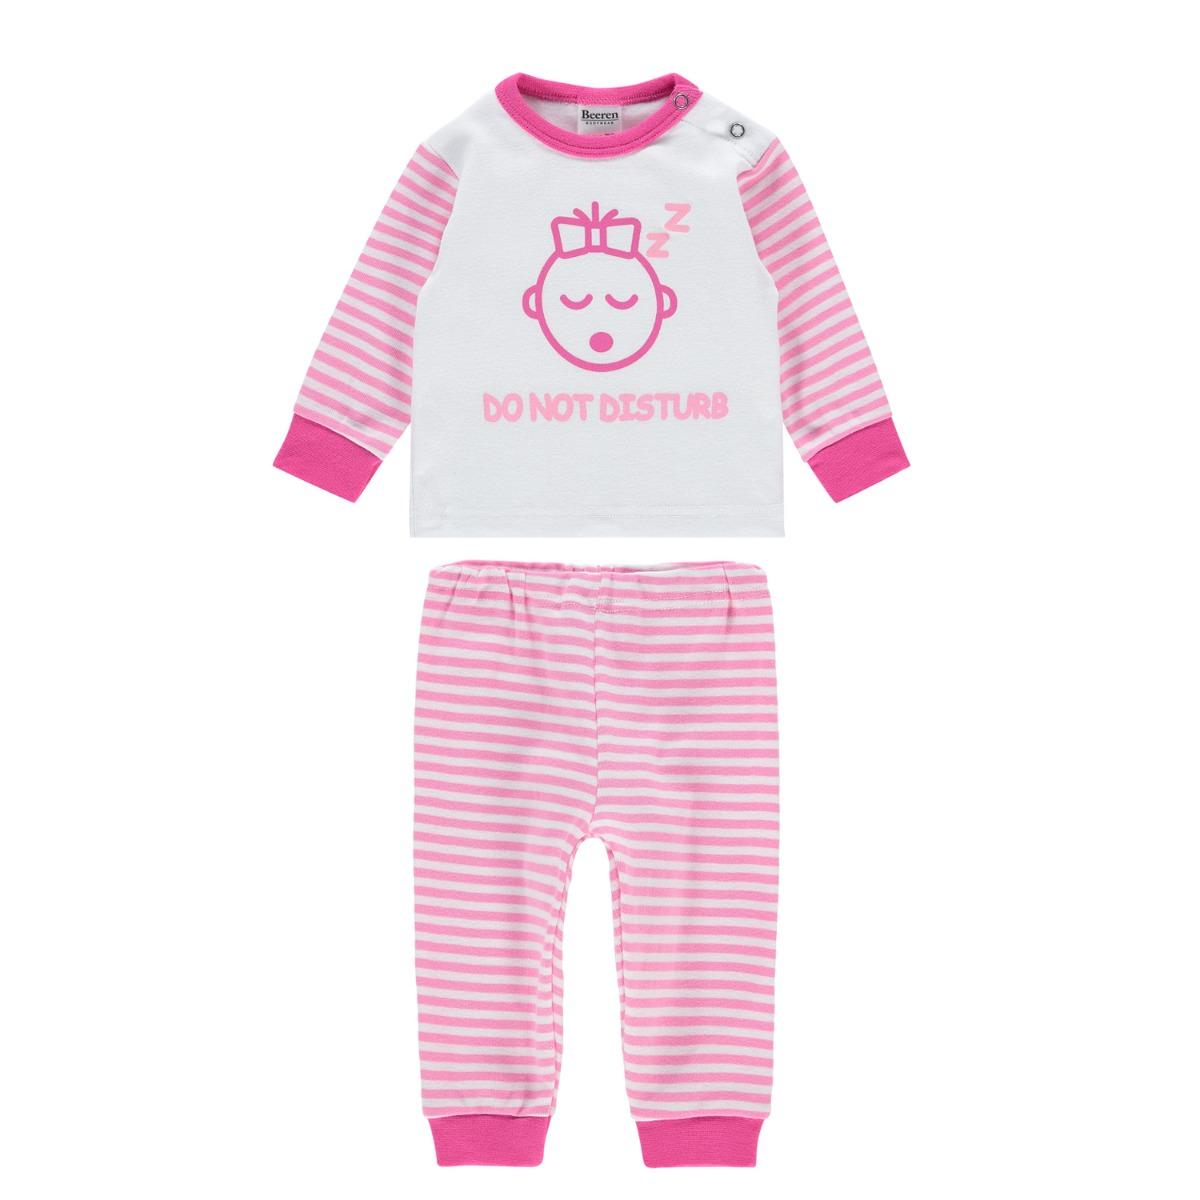 Beeren M3000 Baby Pyjama Do Not Disturb Pink 74/80